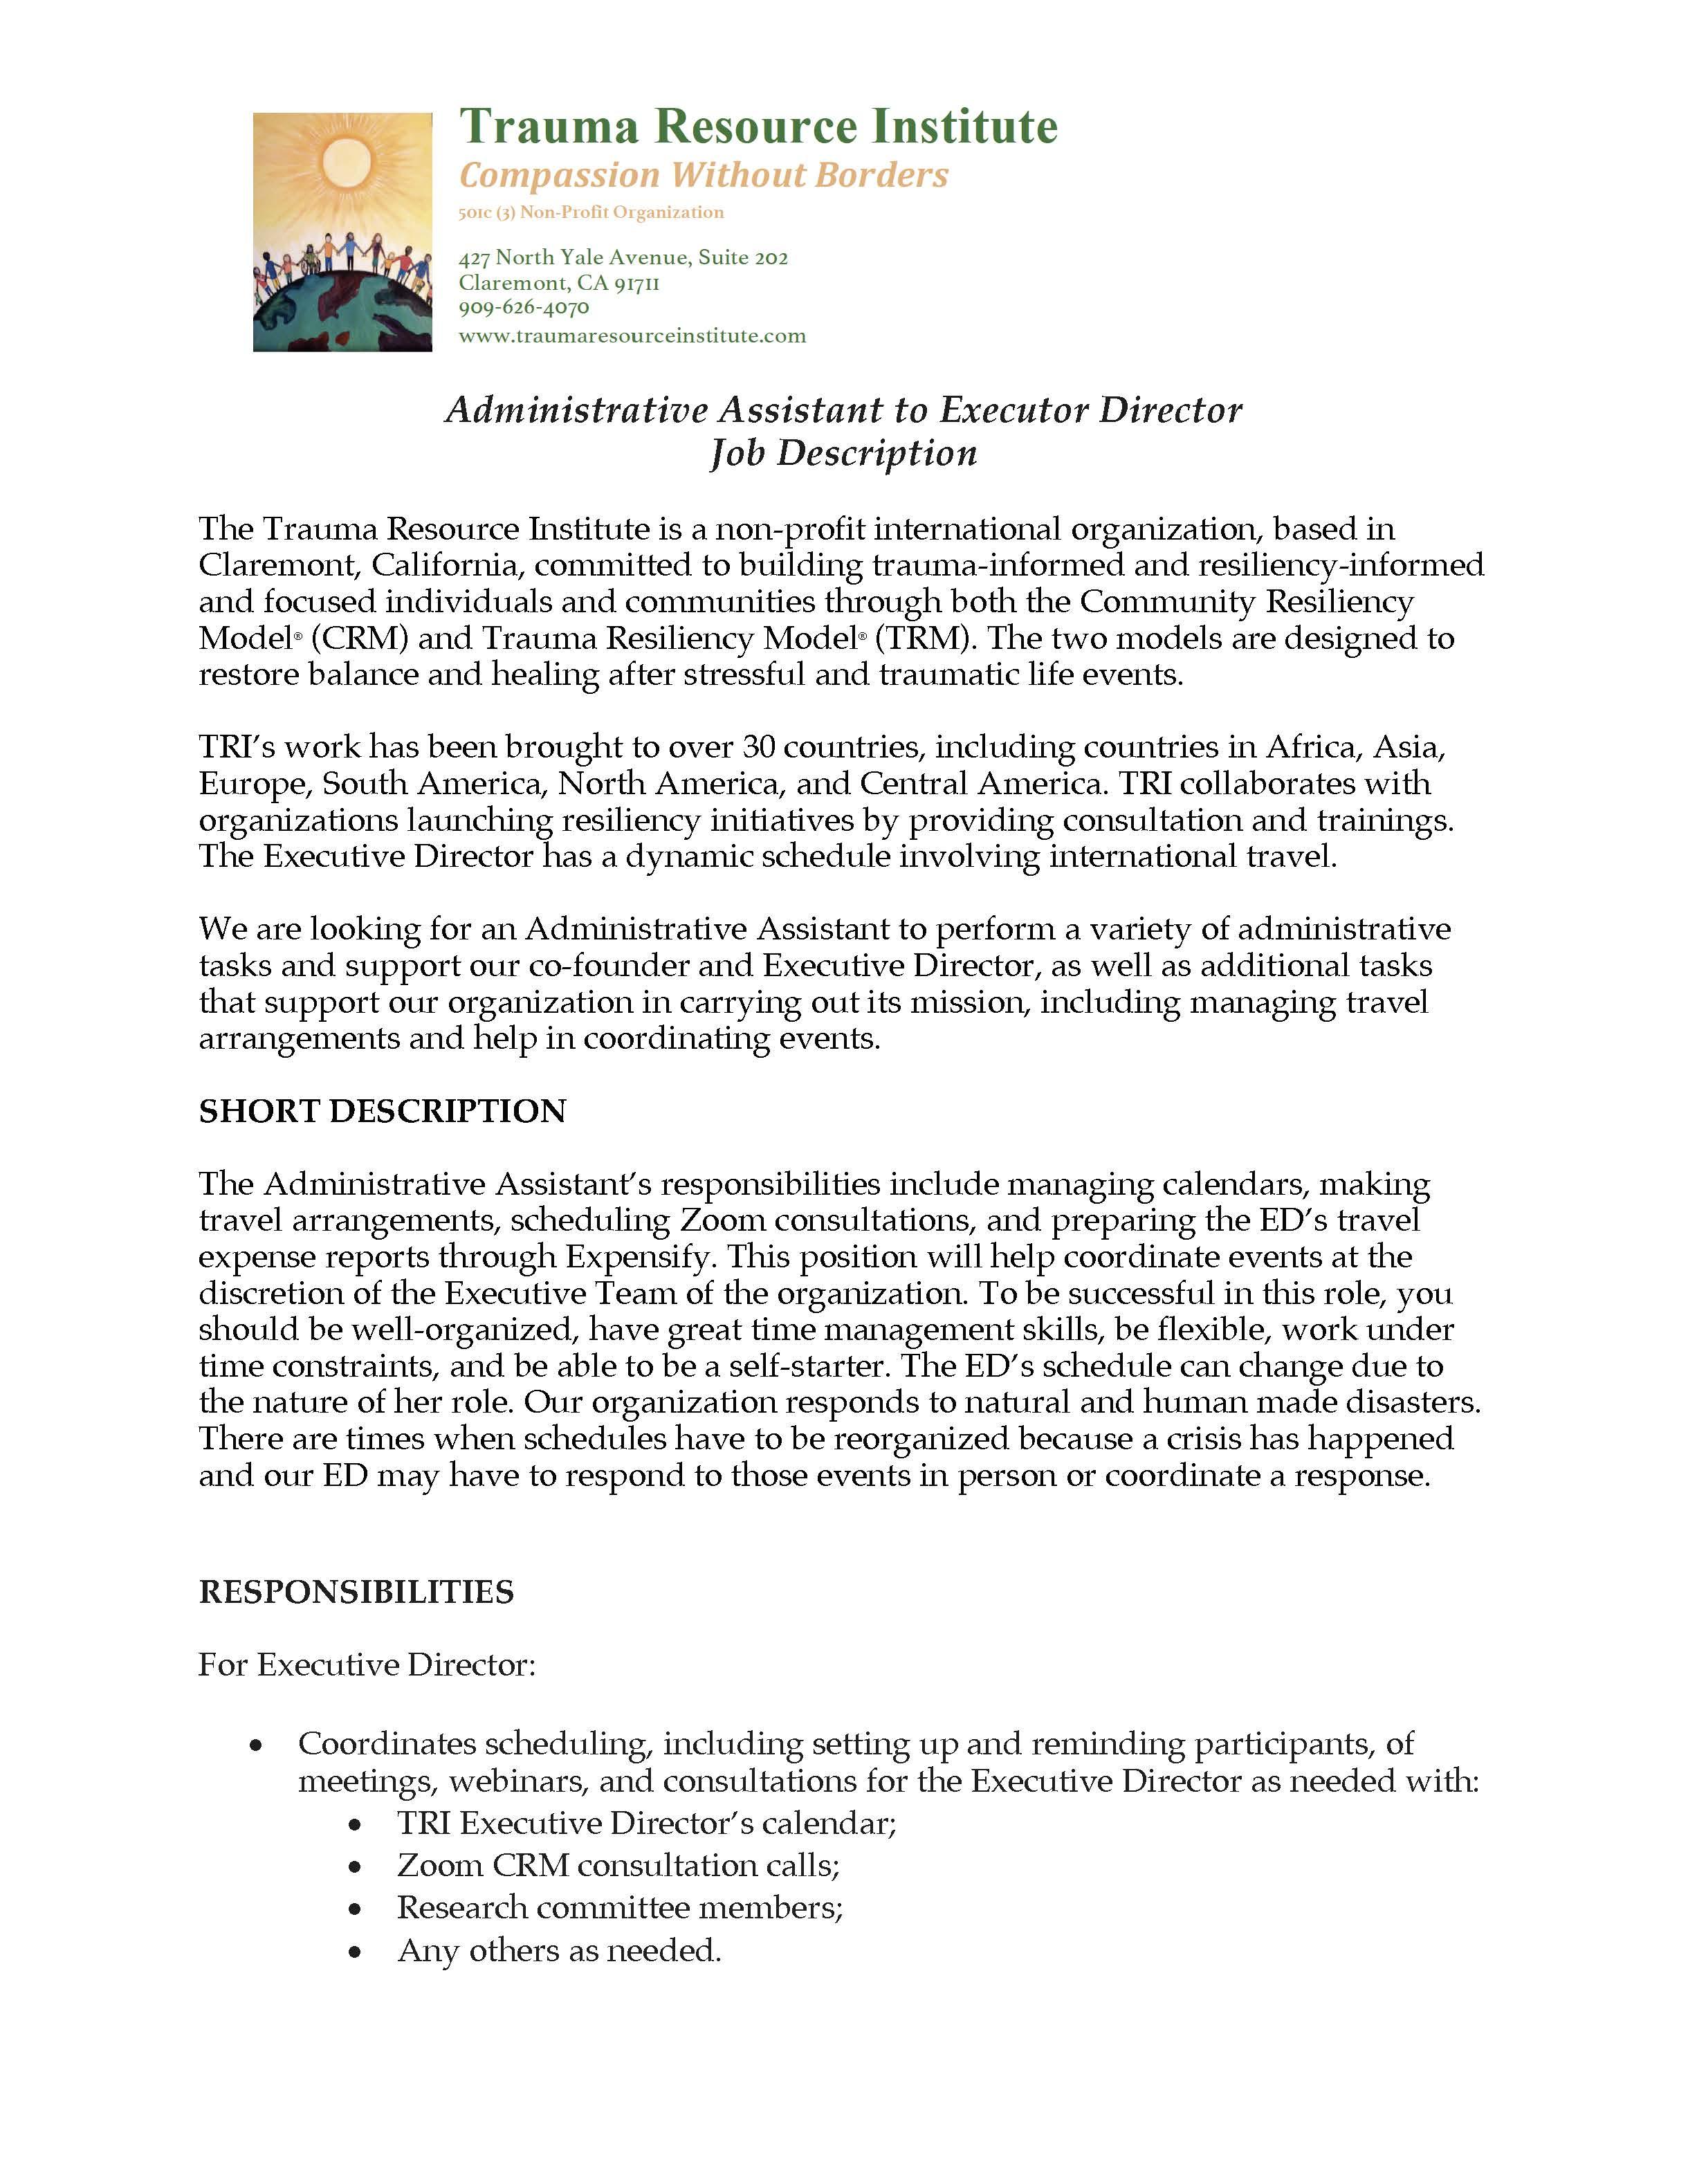 Click Here - for Job Description